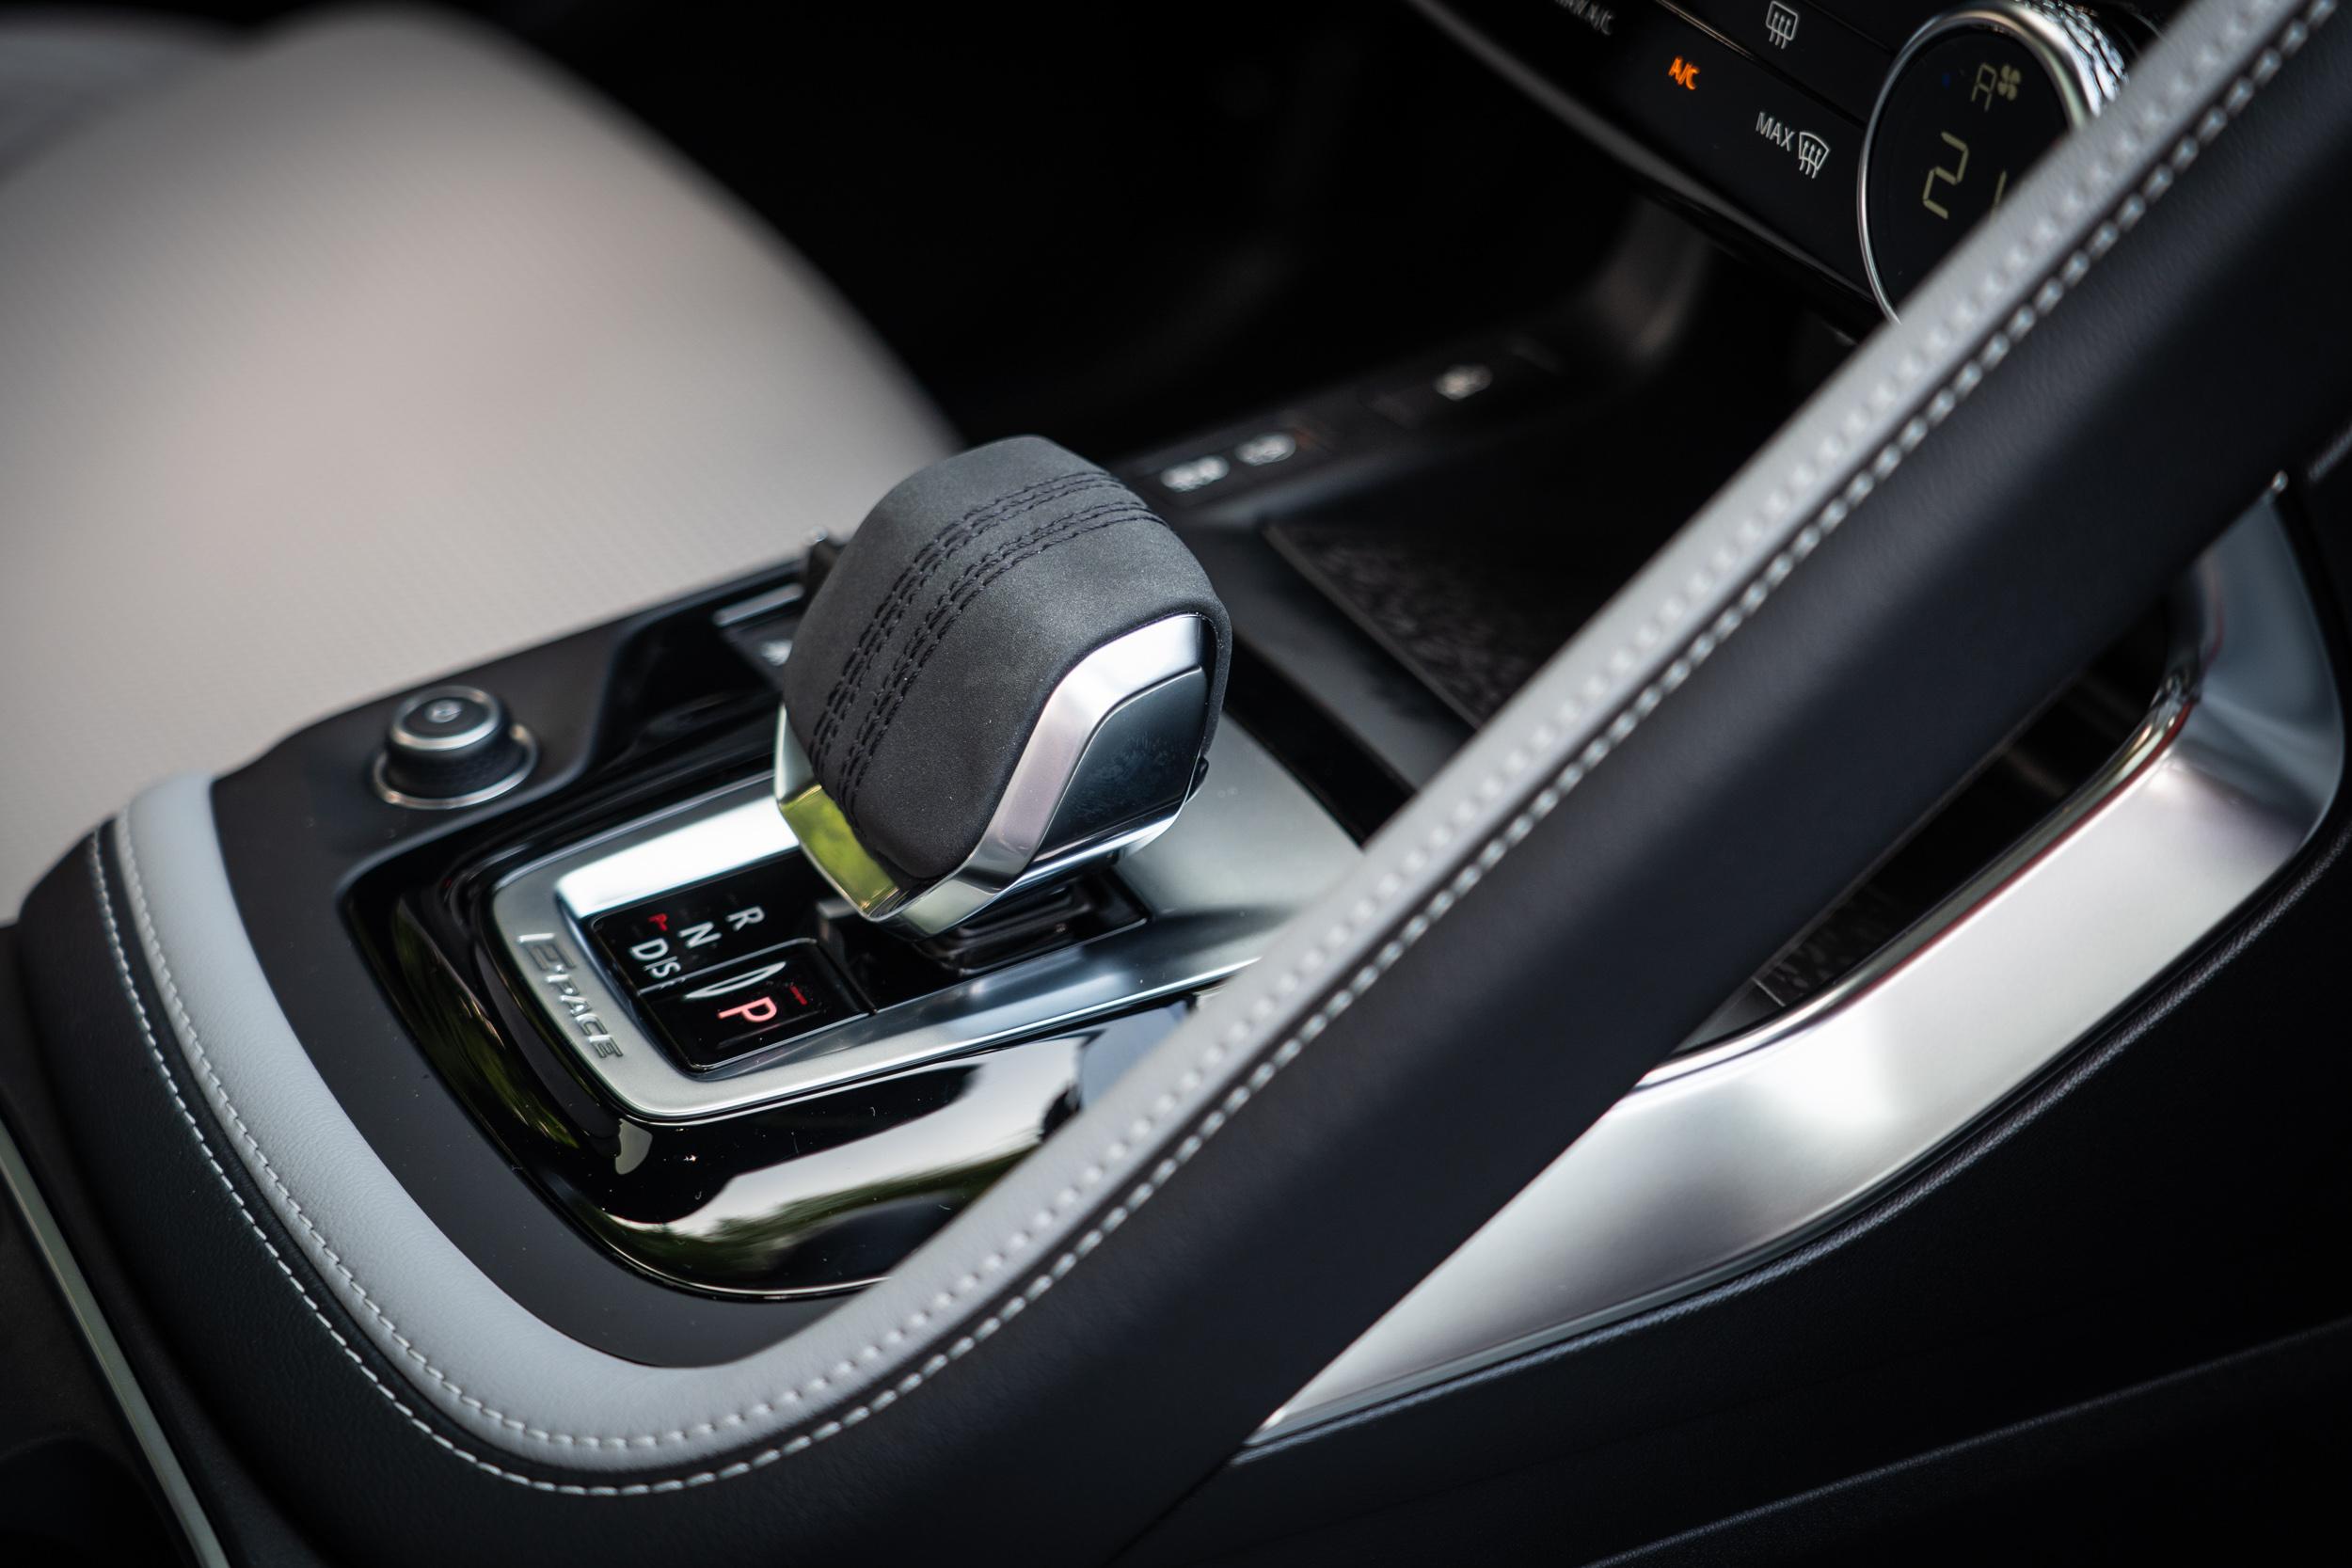 從此角度可以清楚展 E-Pace 座艙設計的特色與質感。